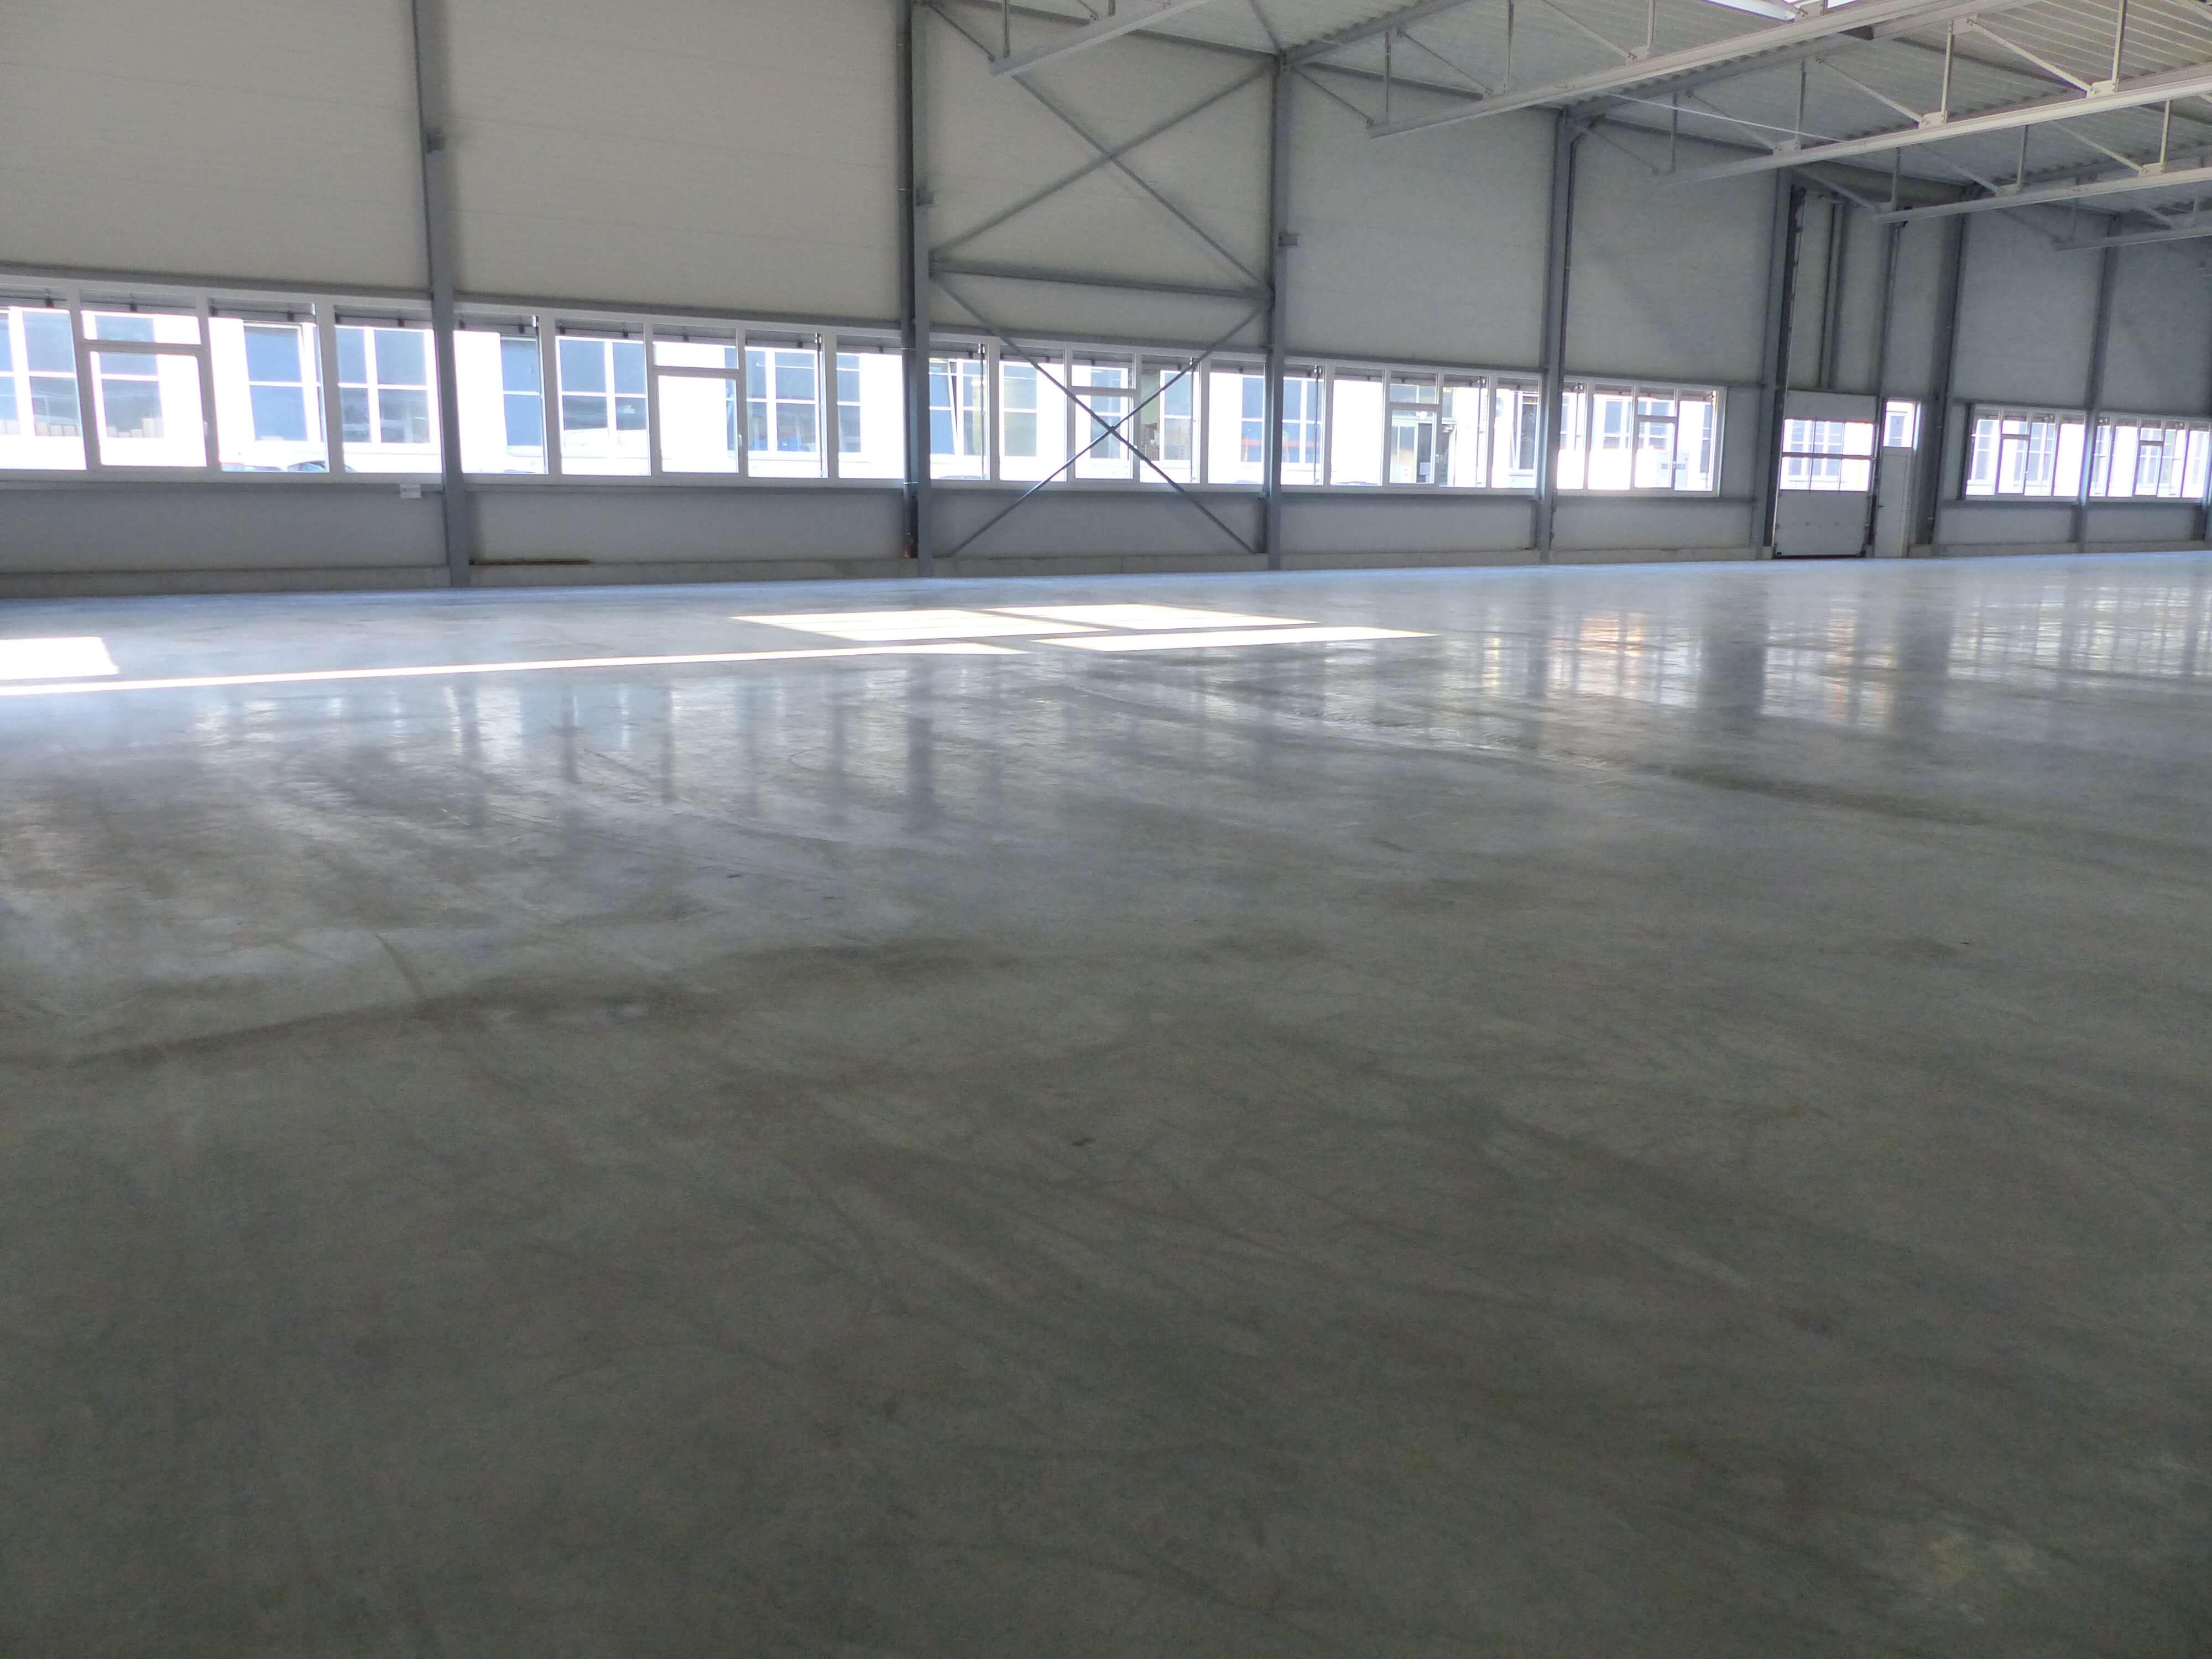 neuer geglätteter betonboden